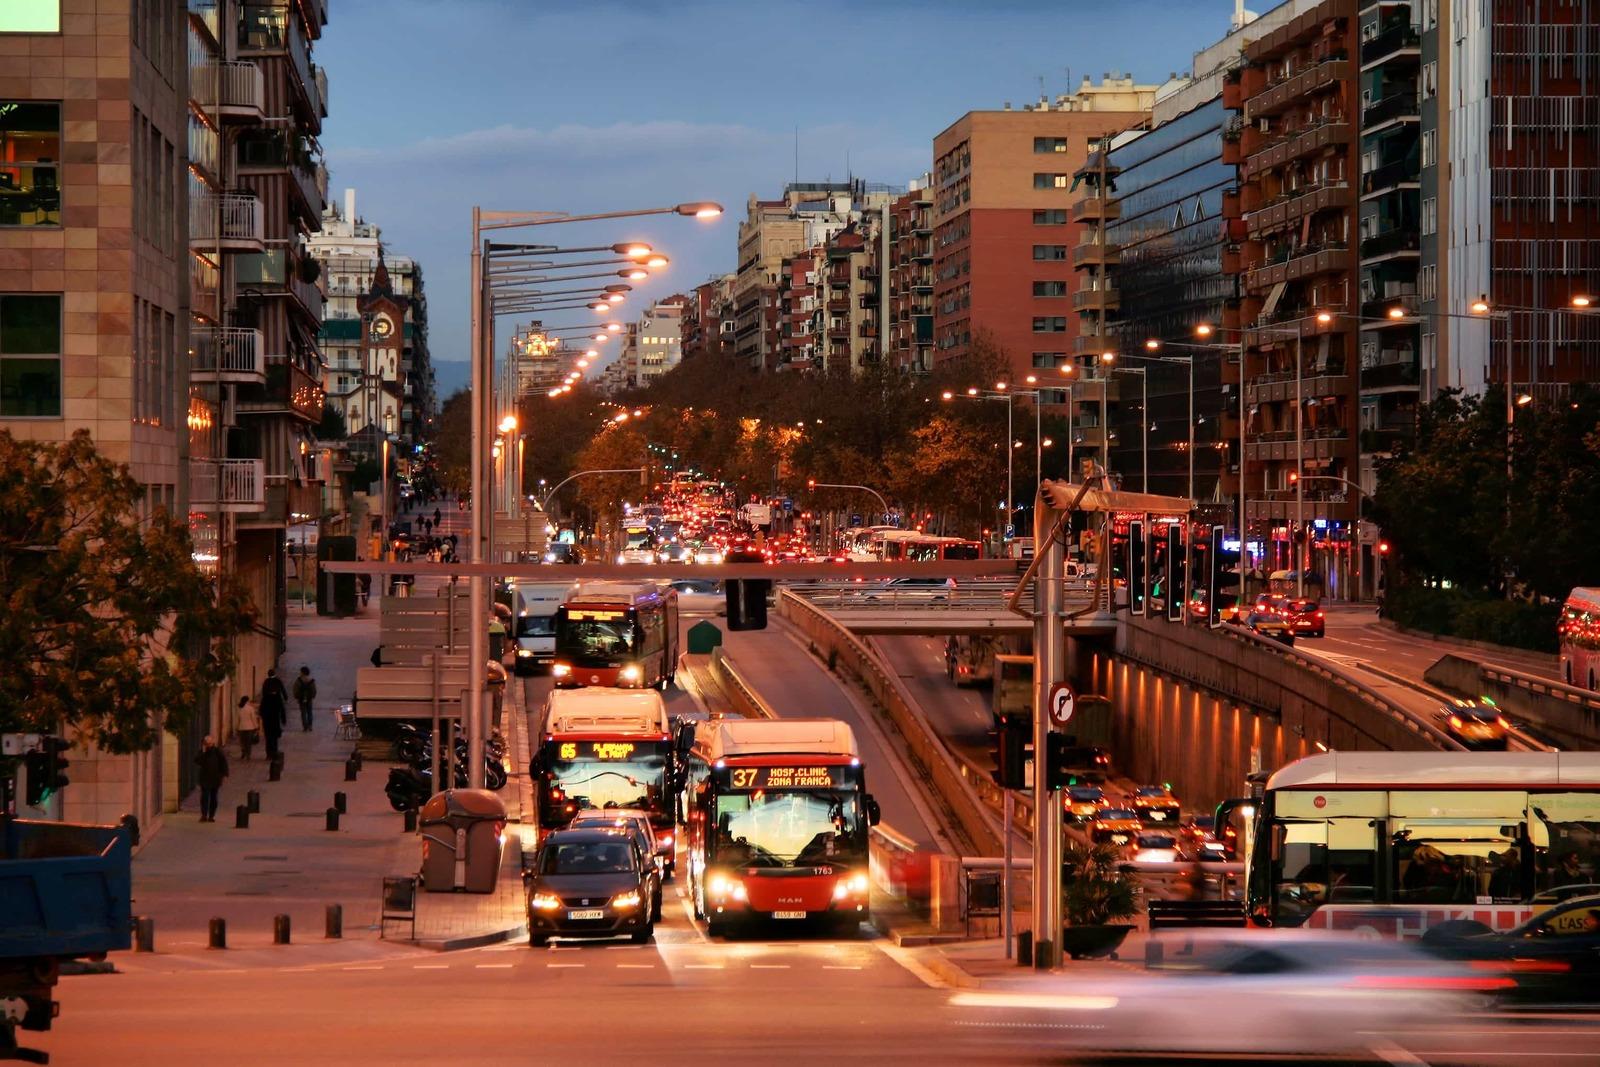 704047 المسافرون العرب مقتطفات سعودي عن السياحة في برشلونة .